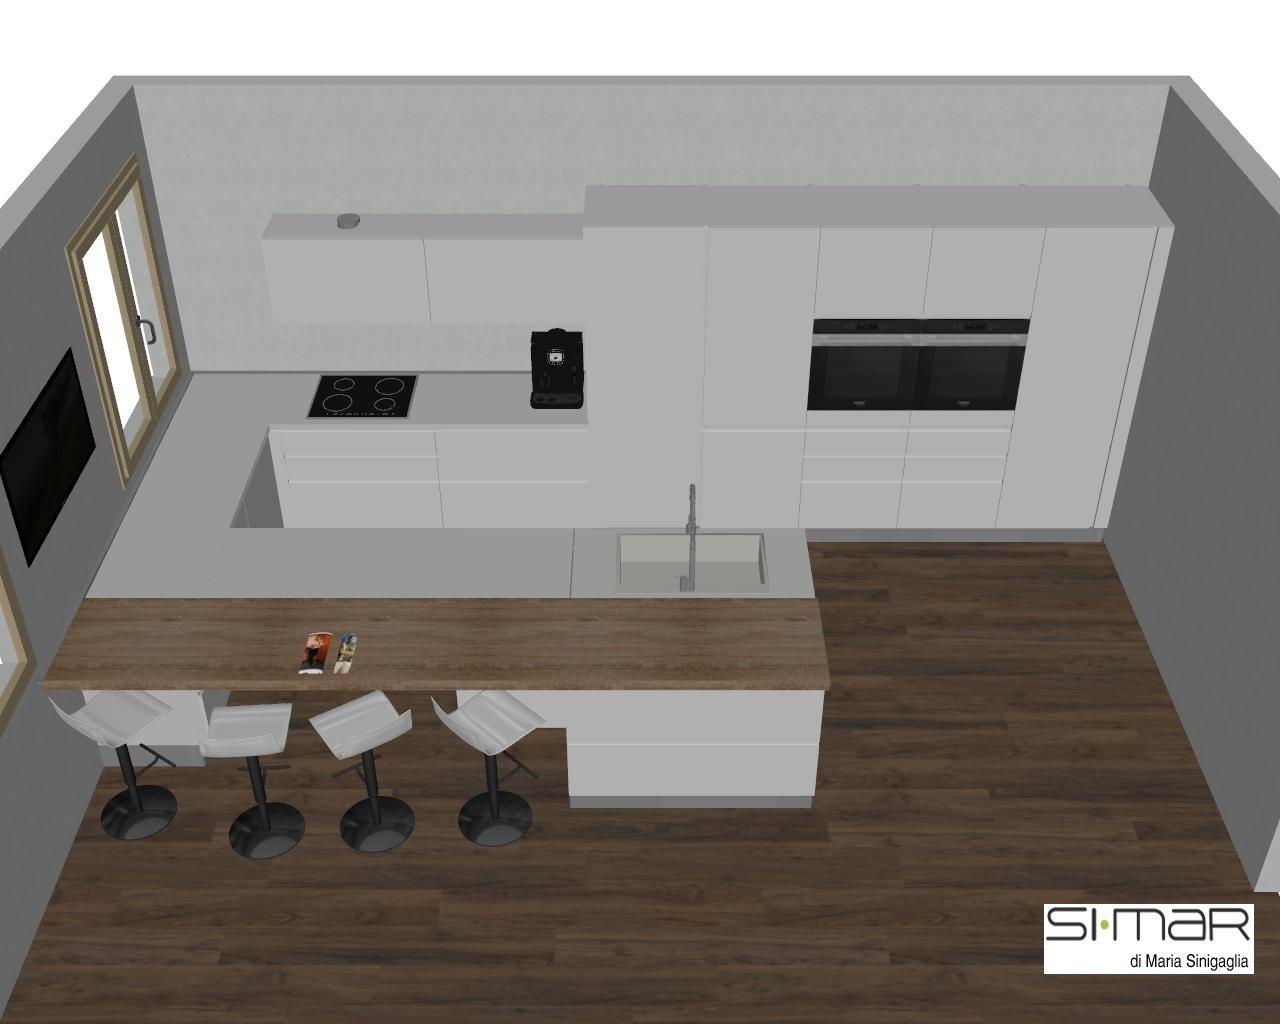 un'immagine in Cad una cucina moderna con penisola